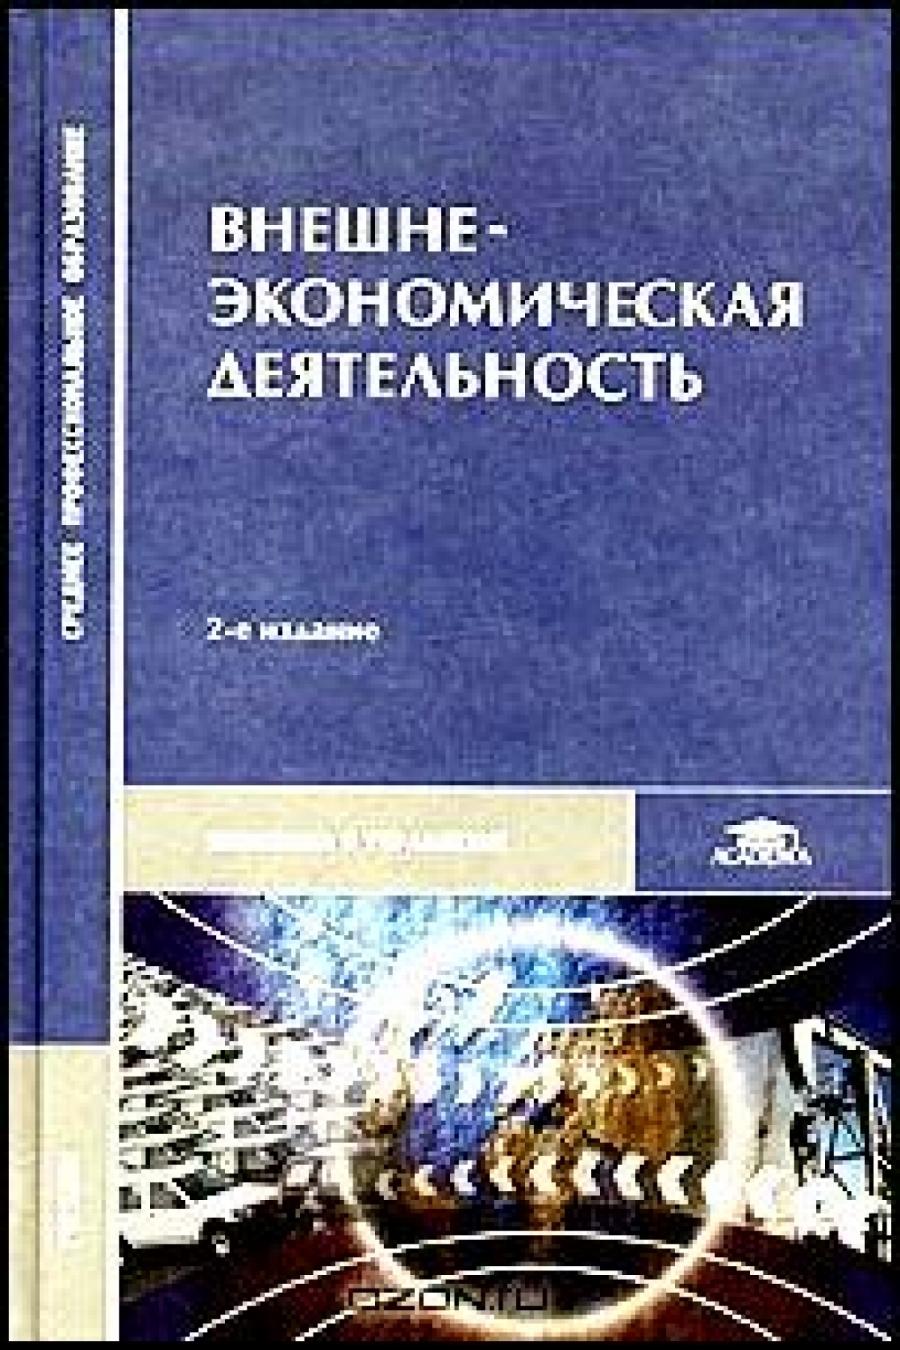 Обложка книги:  смитиенко б.м., поспелов в.к., карпова с.в. - внешне-экономическая деятельность